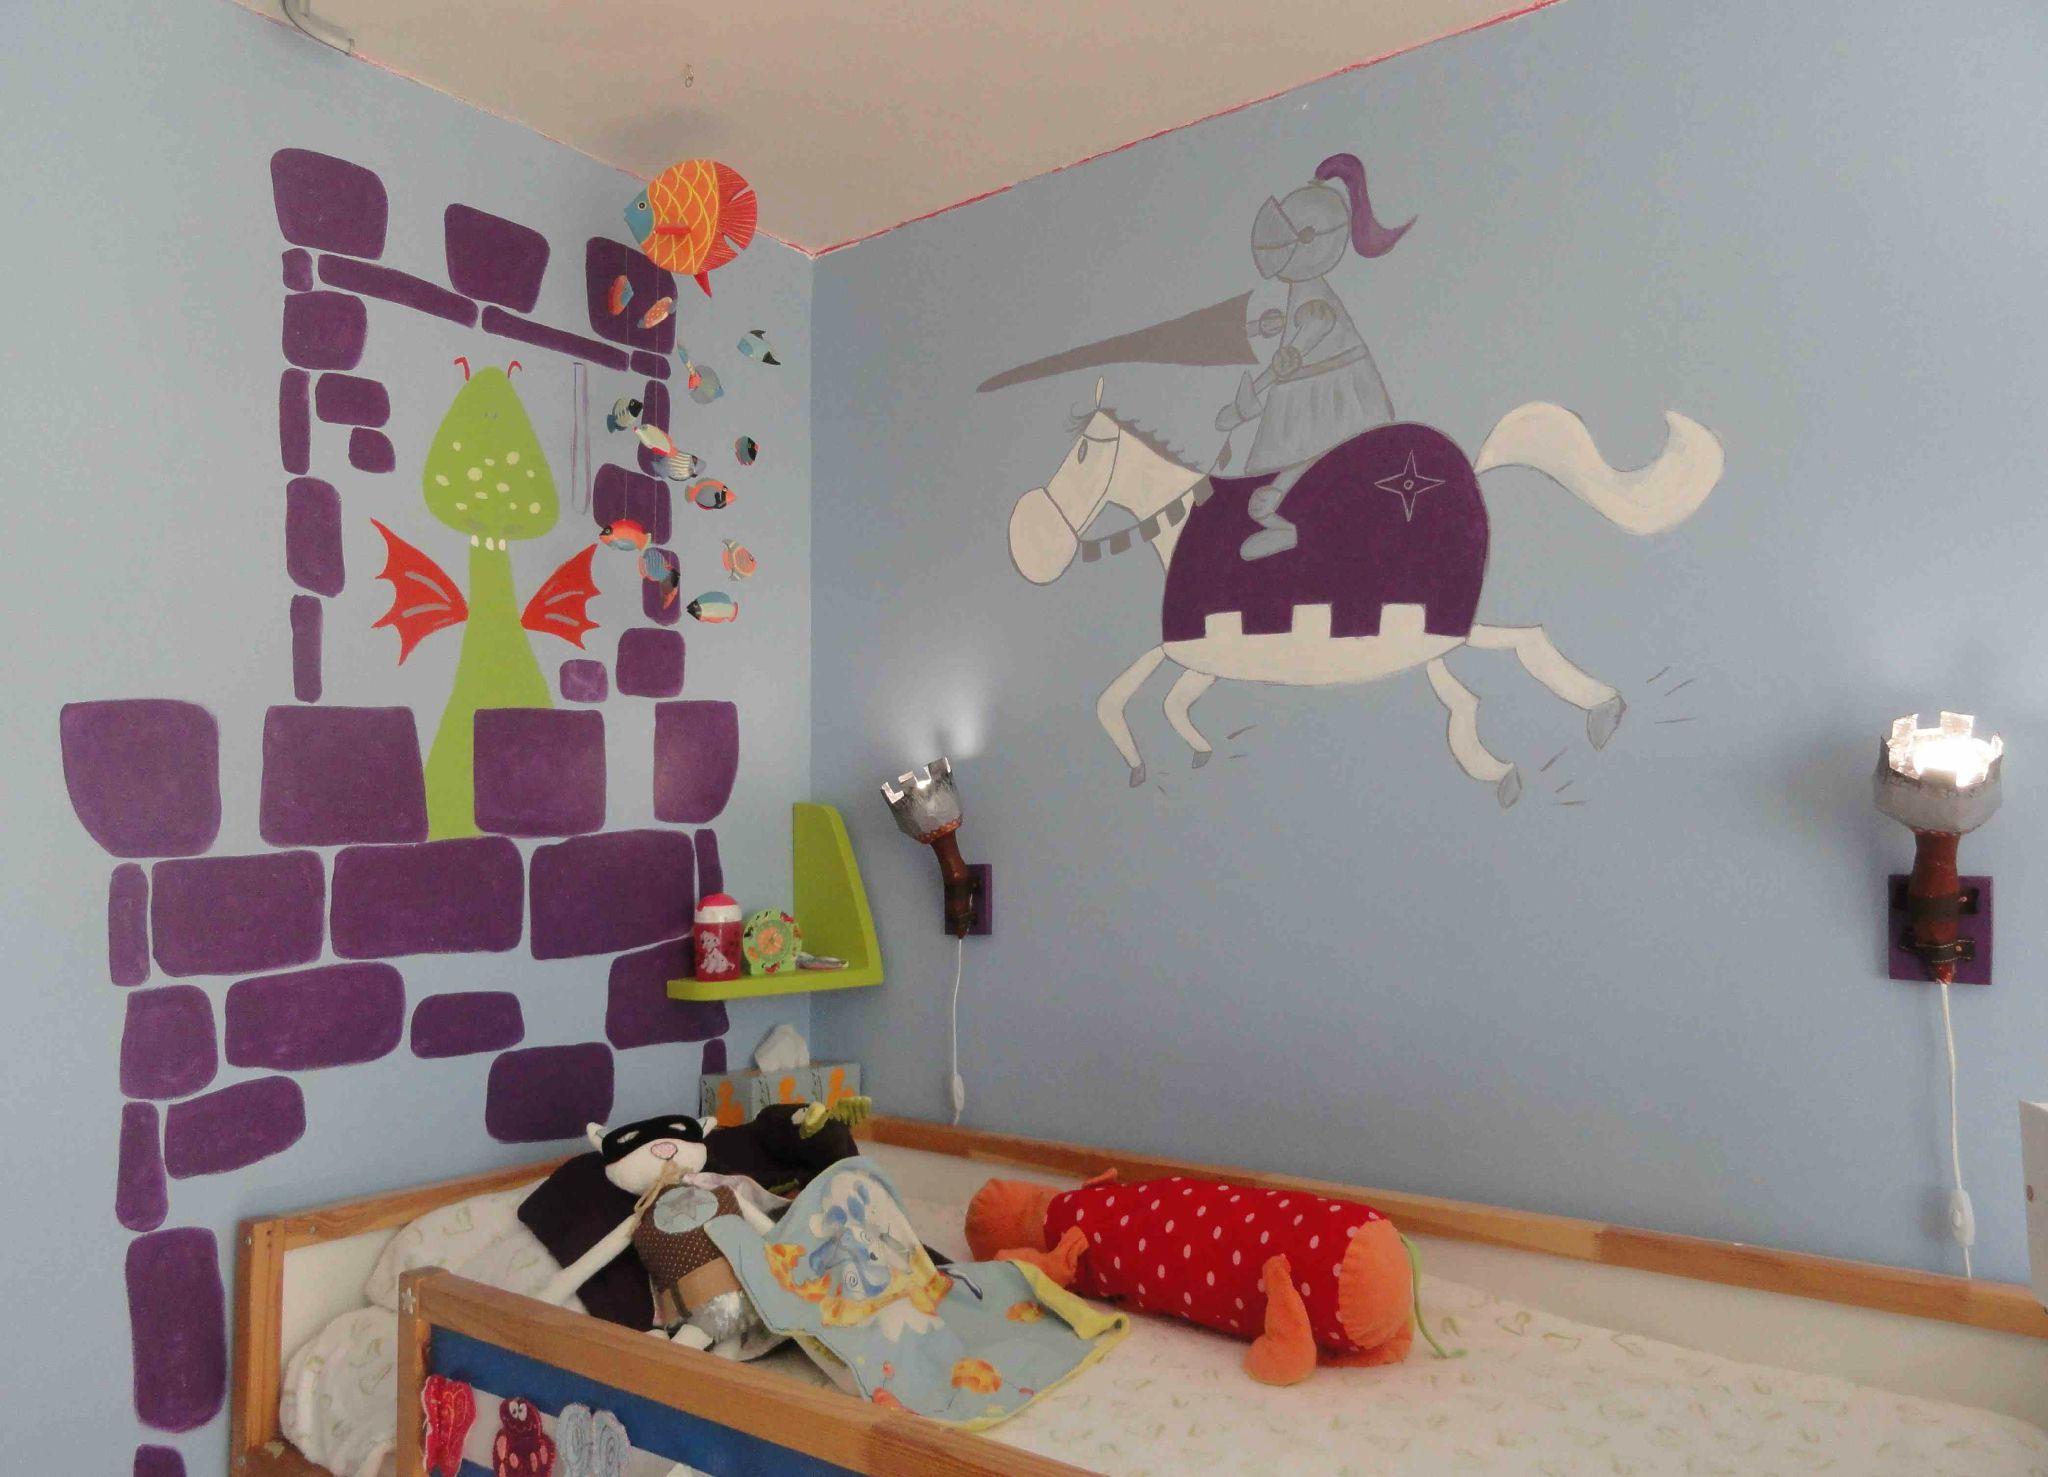 deco de chambre chevalier et dragon dans le chateau fort - Ch²m²